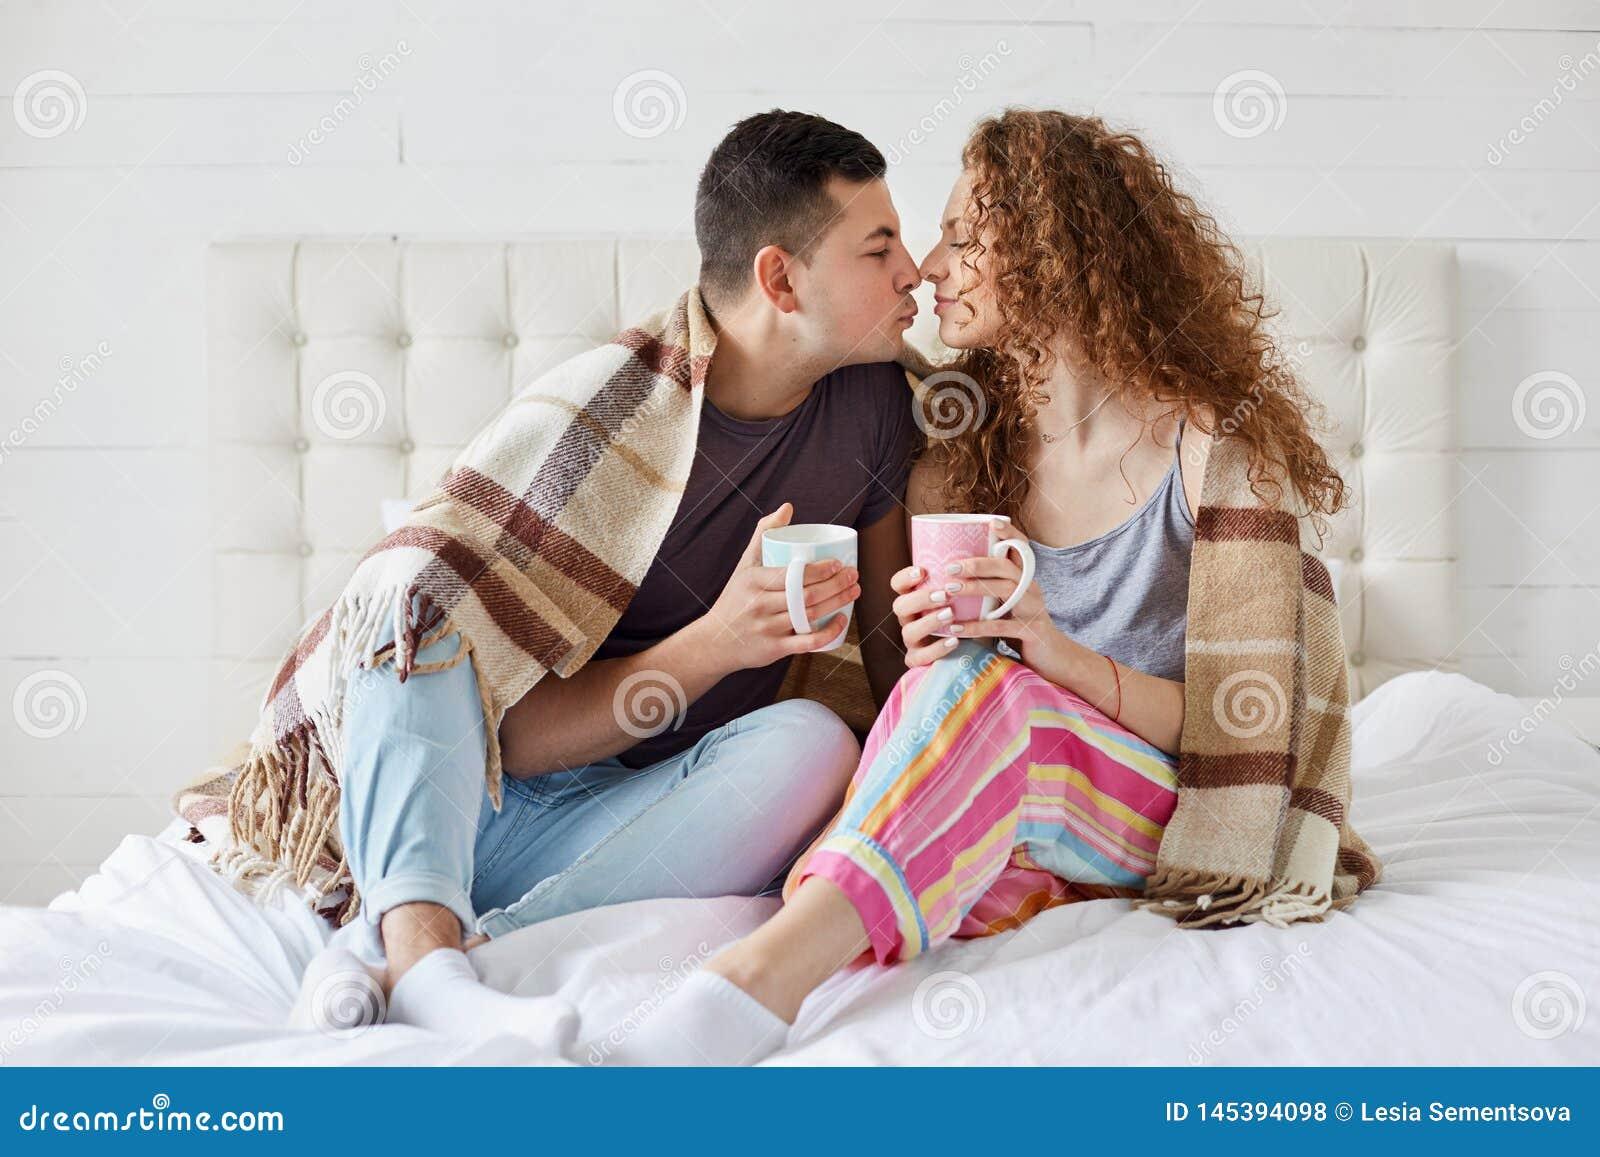 Крытая съемка счастливые женского и мужской имеет романтичные отношения, кофе напитка или чай, покрытые с шотландкой в спальне Ро